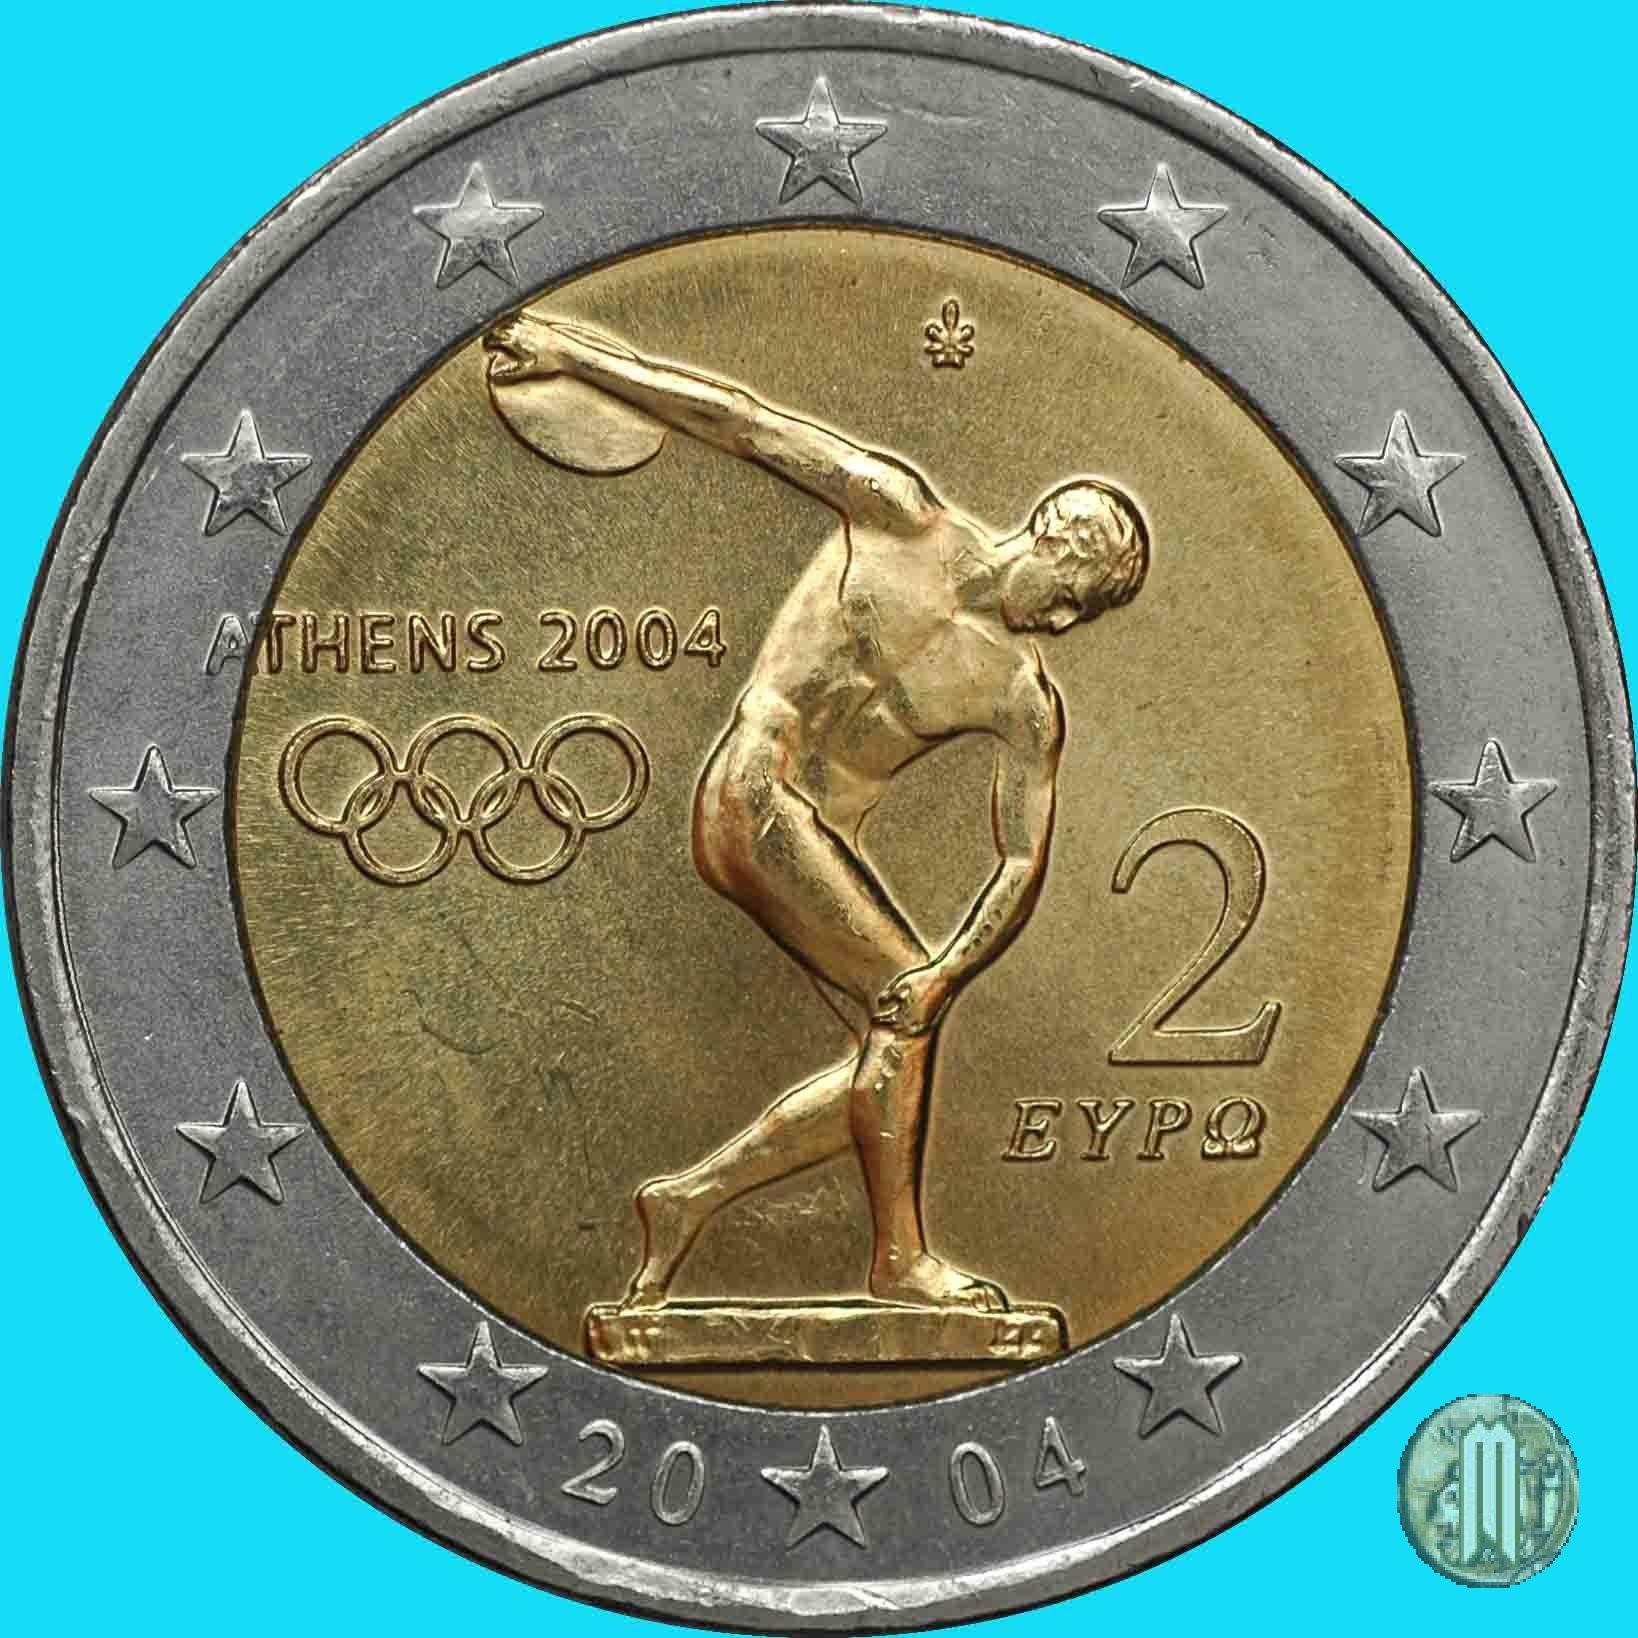 2 Euro Grecia 2002 Valore Grecia 2 Euro 2004 Giochi